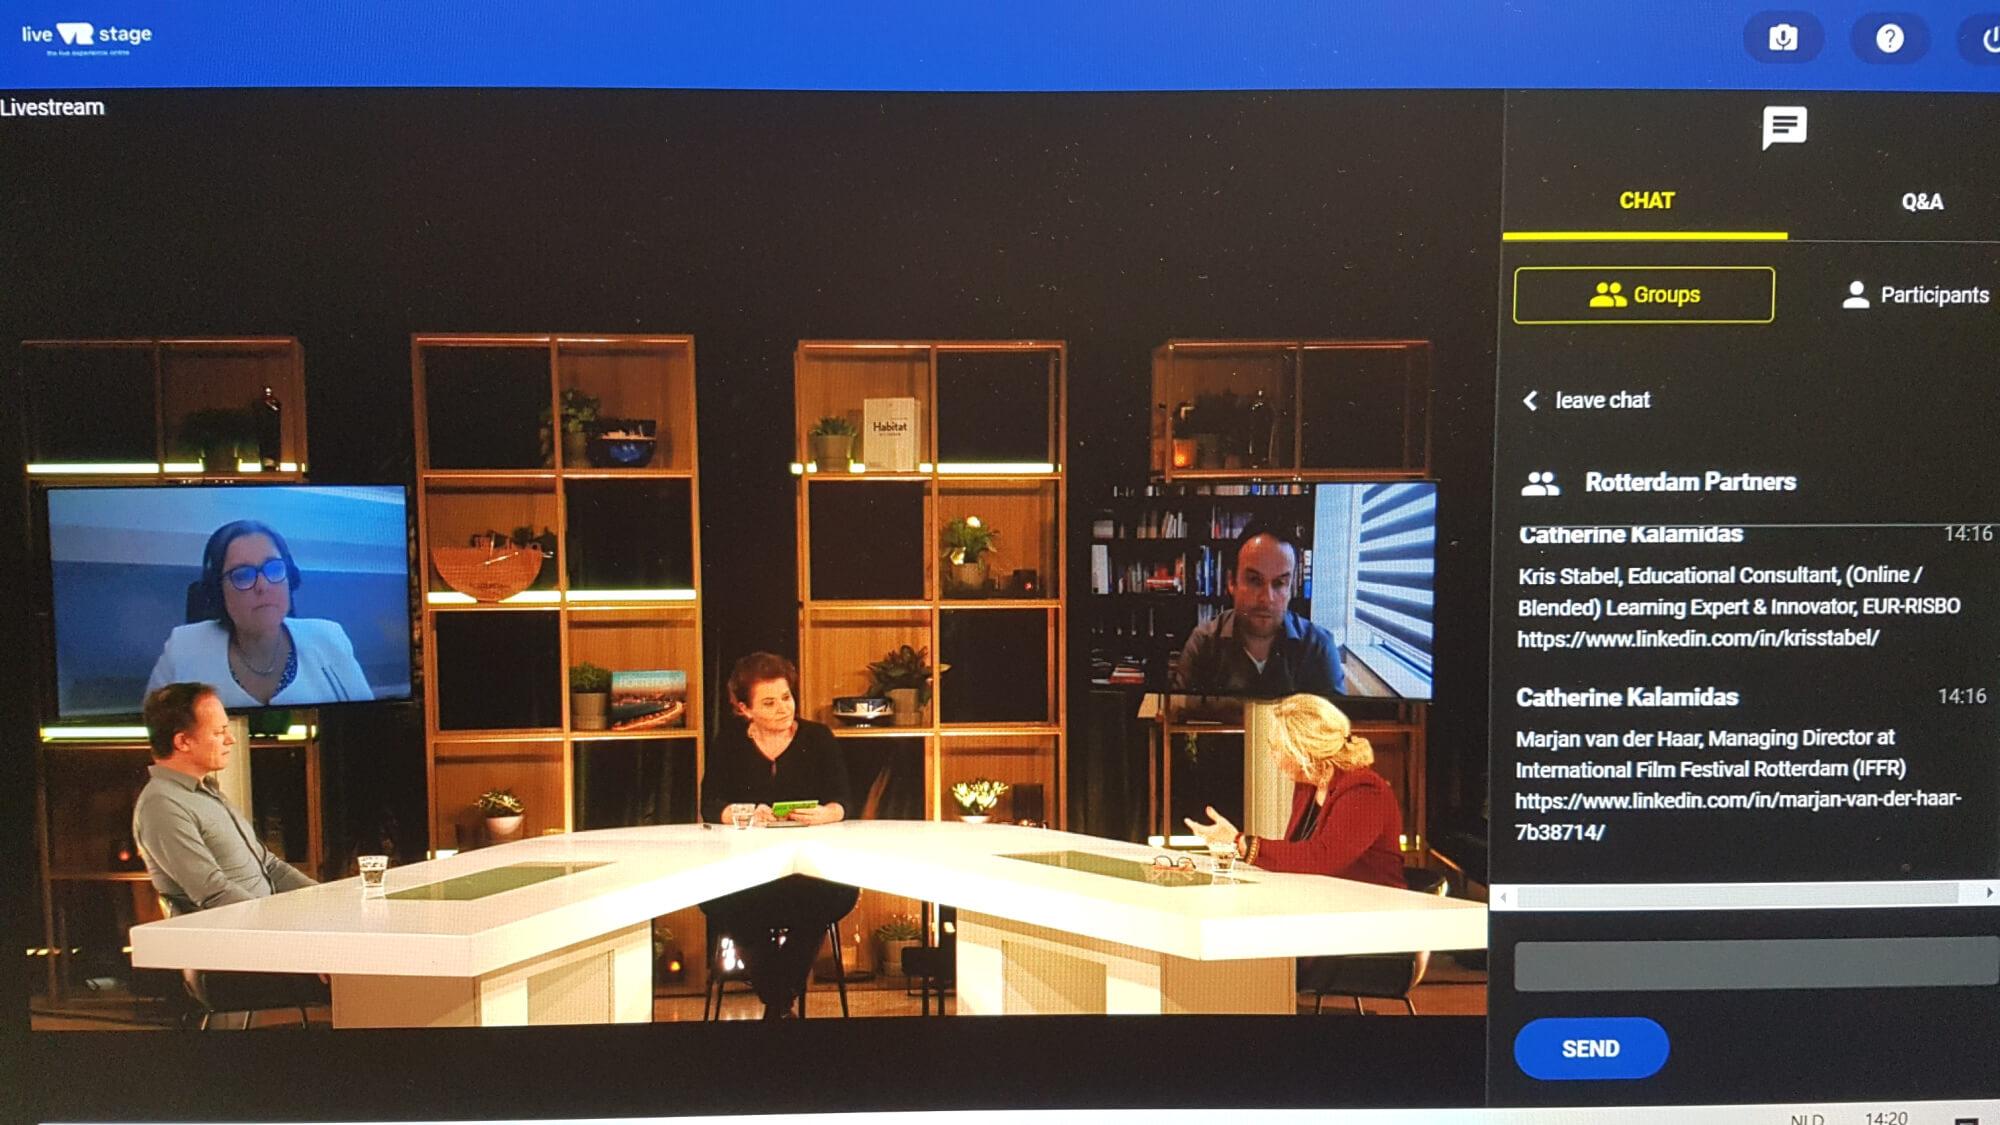 In the Live VR Stage studio, Mirjam van der Kamp had a Table Talk discussion with Carola van der Hoeff (FIP), Marjan van der Haar (IFFR), Yuri van Geest (Singularity University) and Kris Stabel (EUR-Risbo).